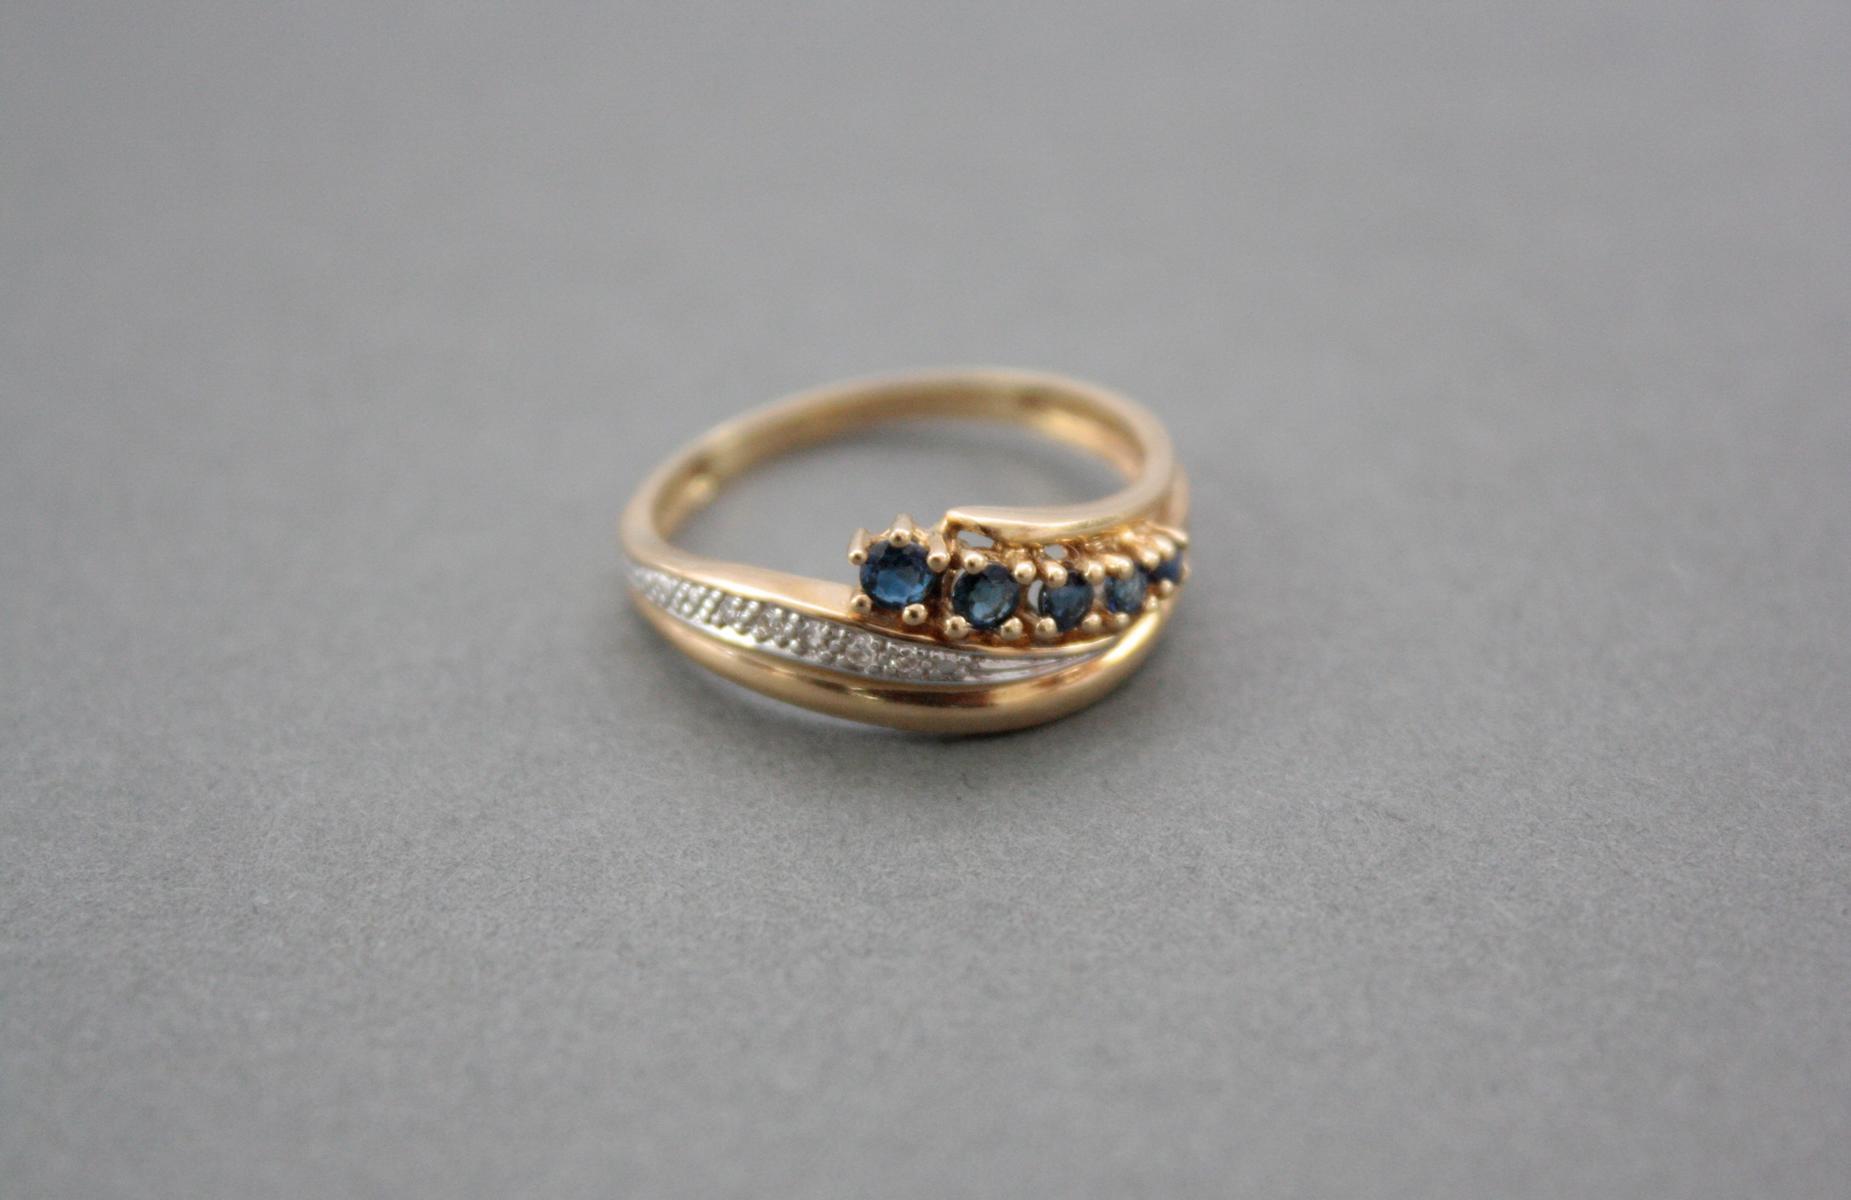 Damenring mit Saphiren und Diamanten, 14 Karat Gelbgold